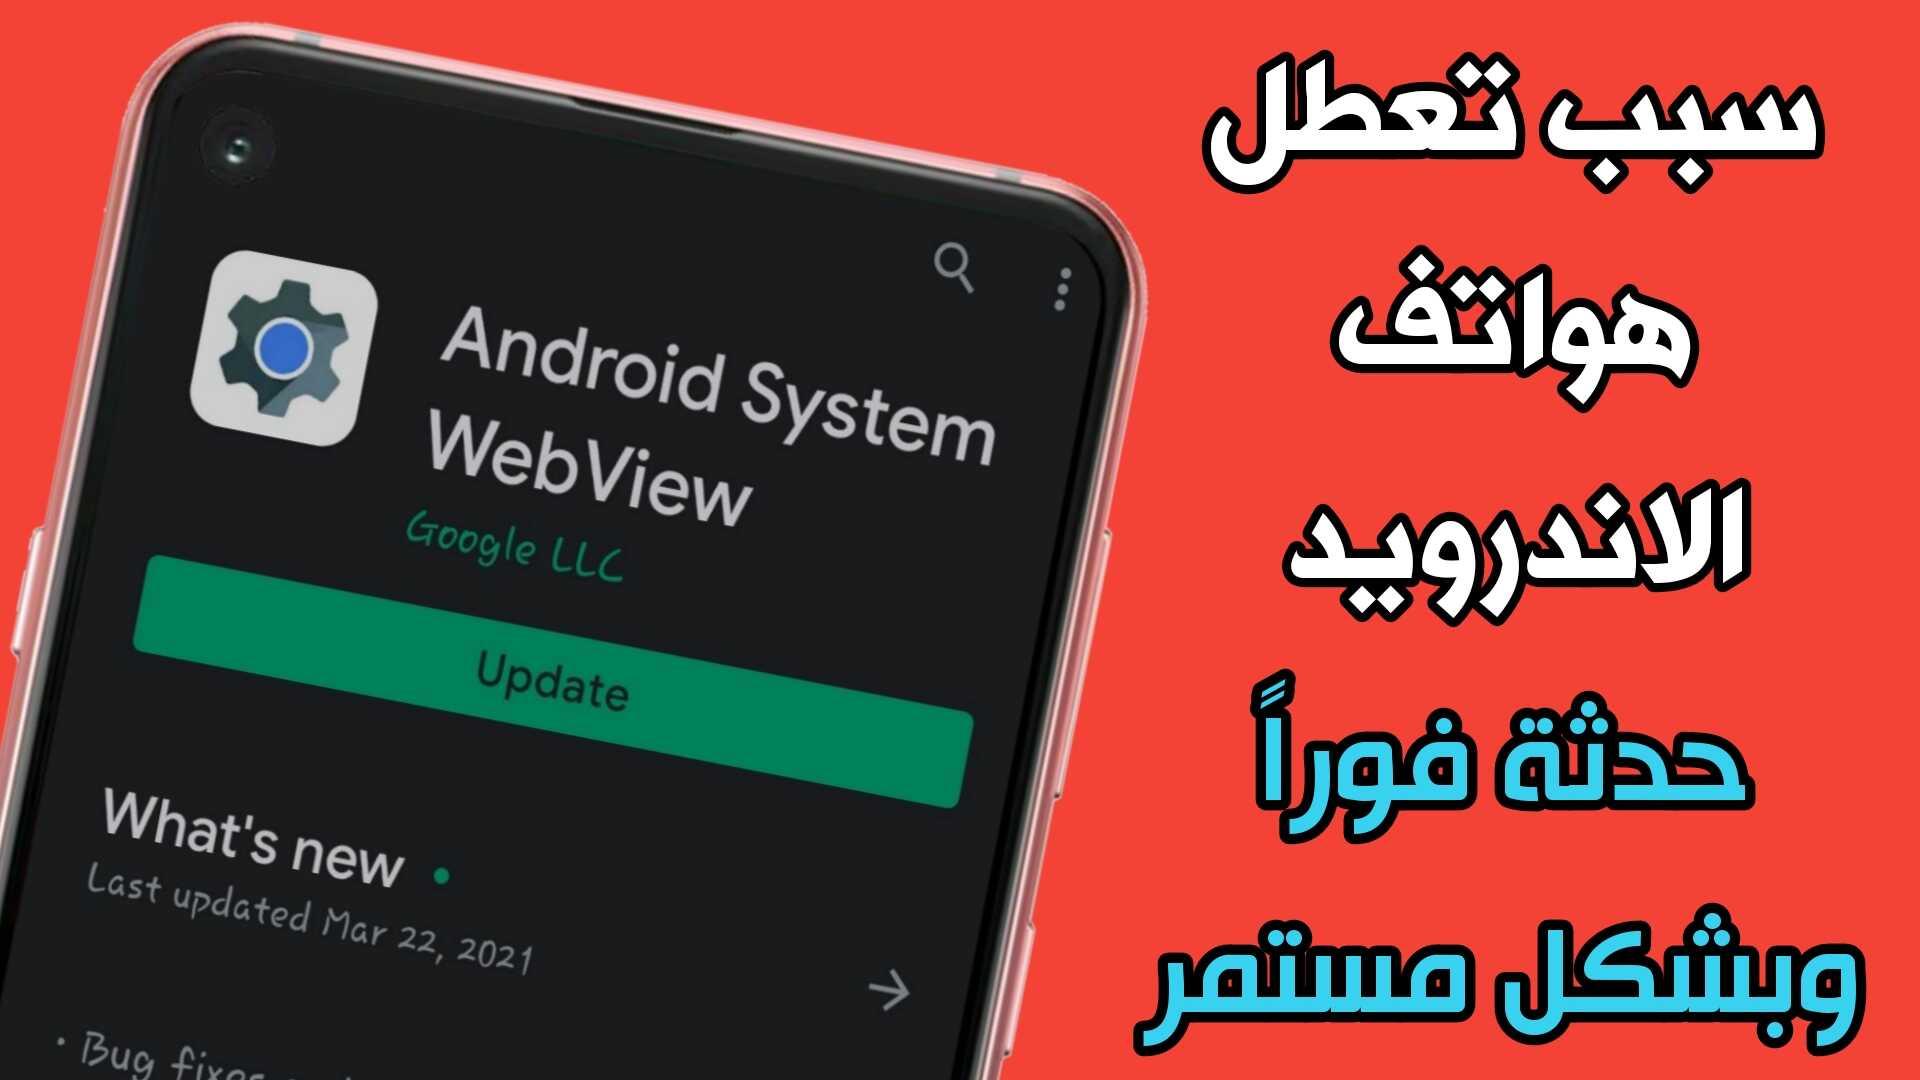 تطبيق Android System Webview سبب تعطل الهواتف يجب تحديثة فوراً